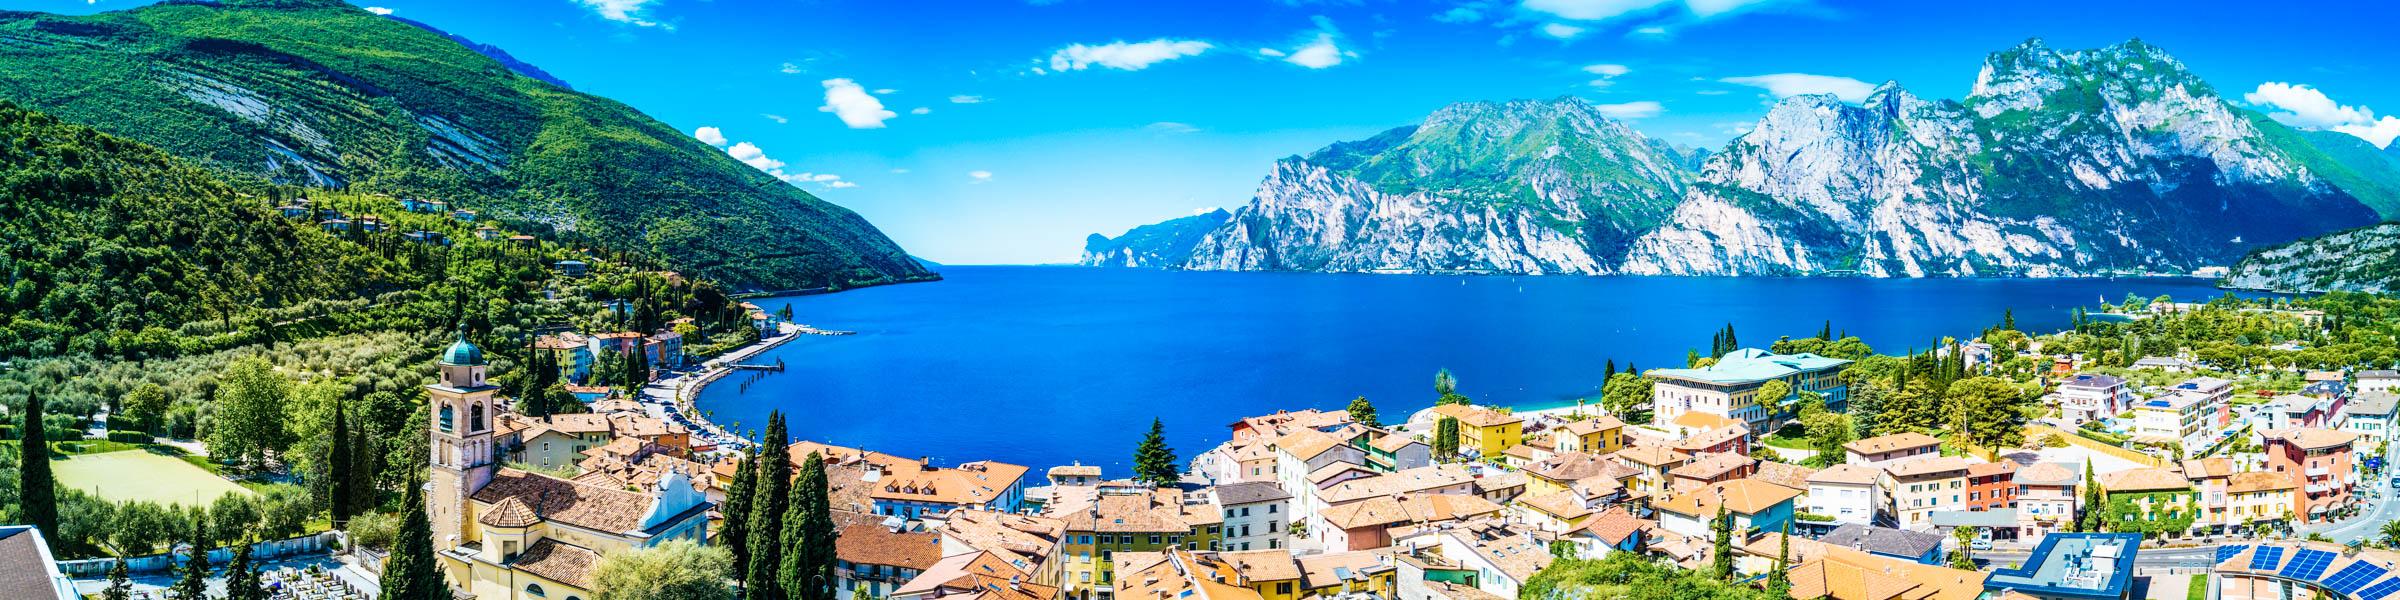 Blick auf den Gardasee und die Berge und die Stadt Torbole